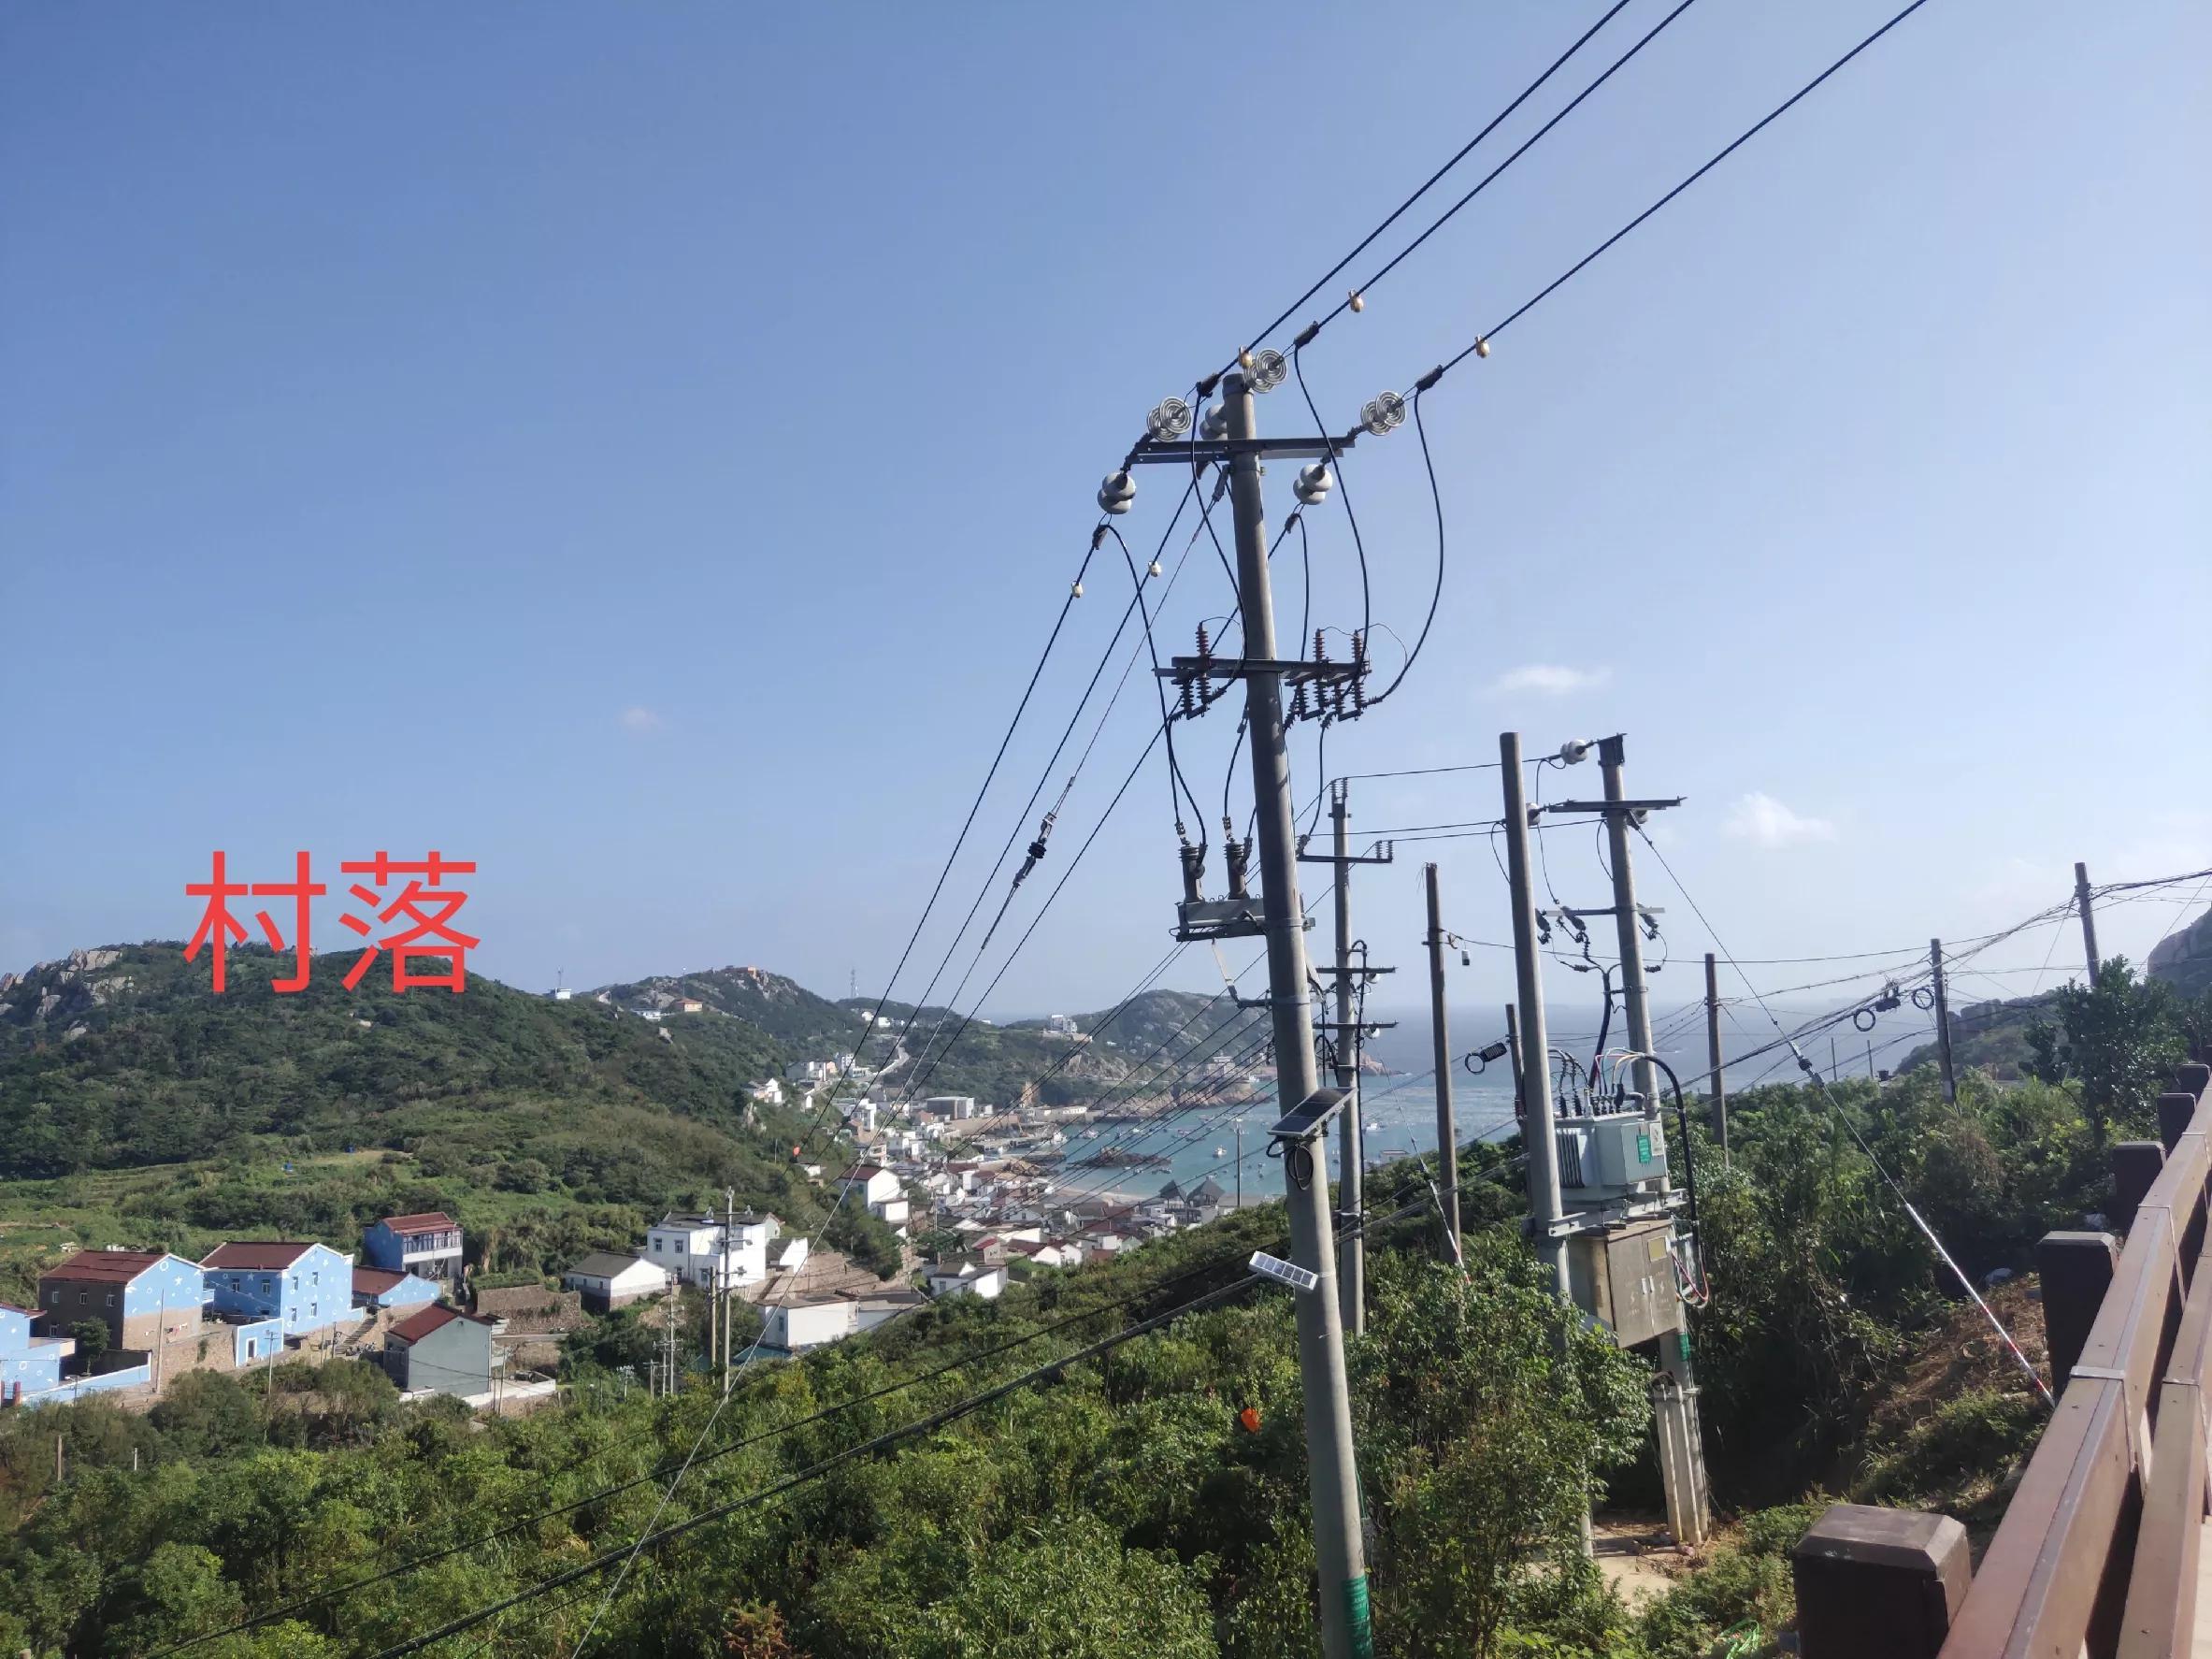 上海到舟山枸杞岛,最具性价比旅游攻略